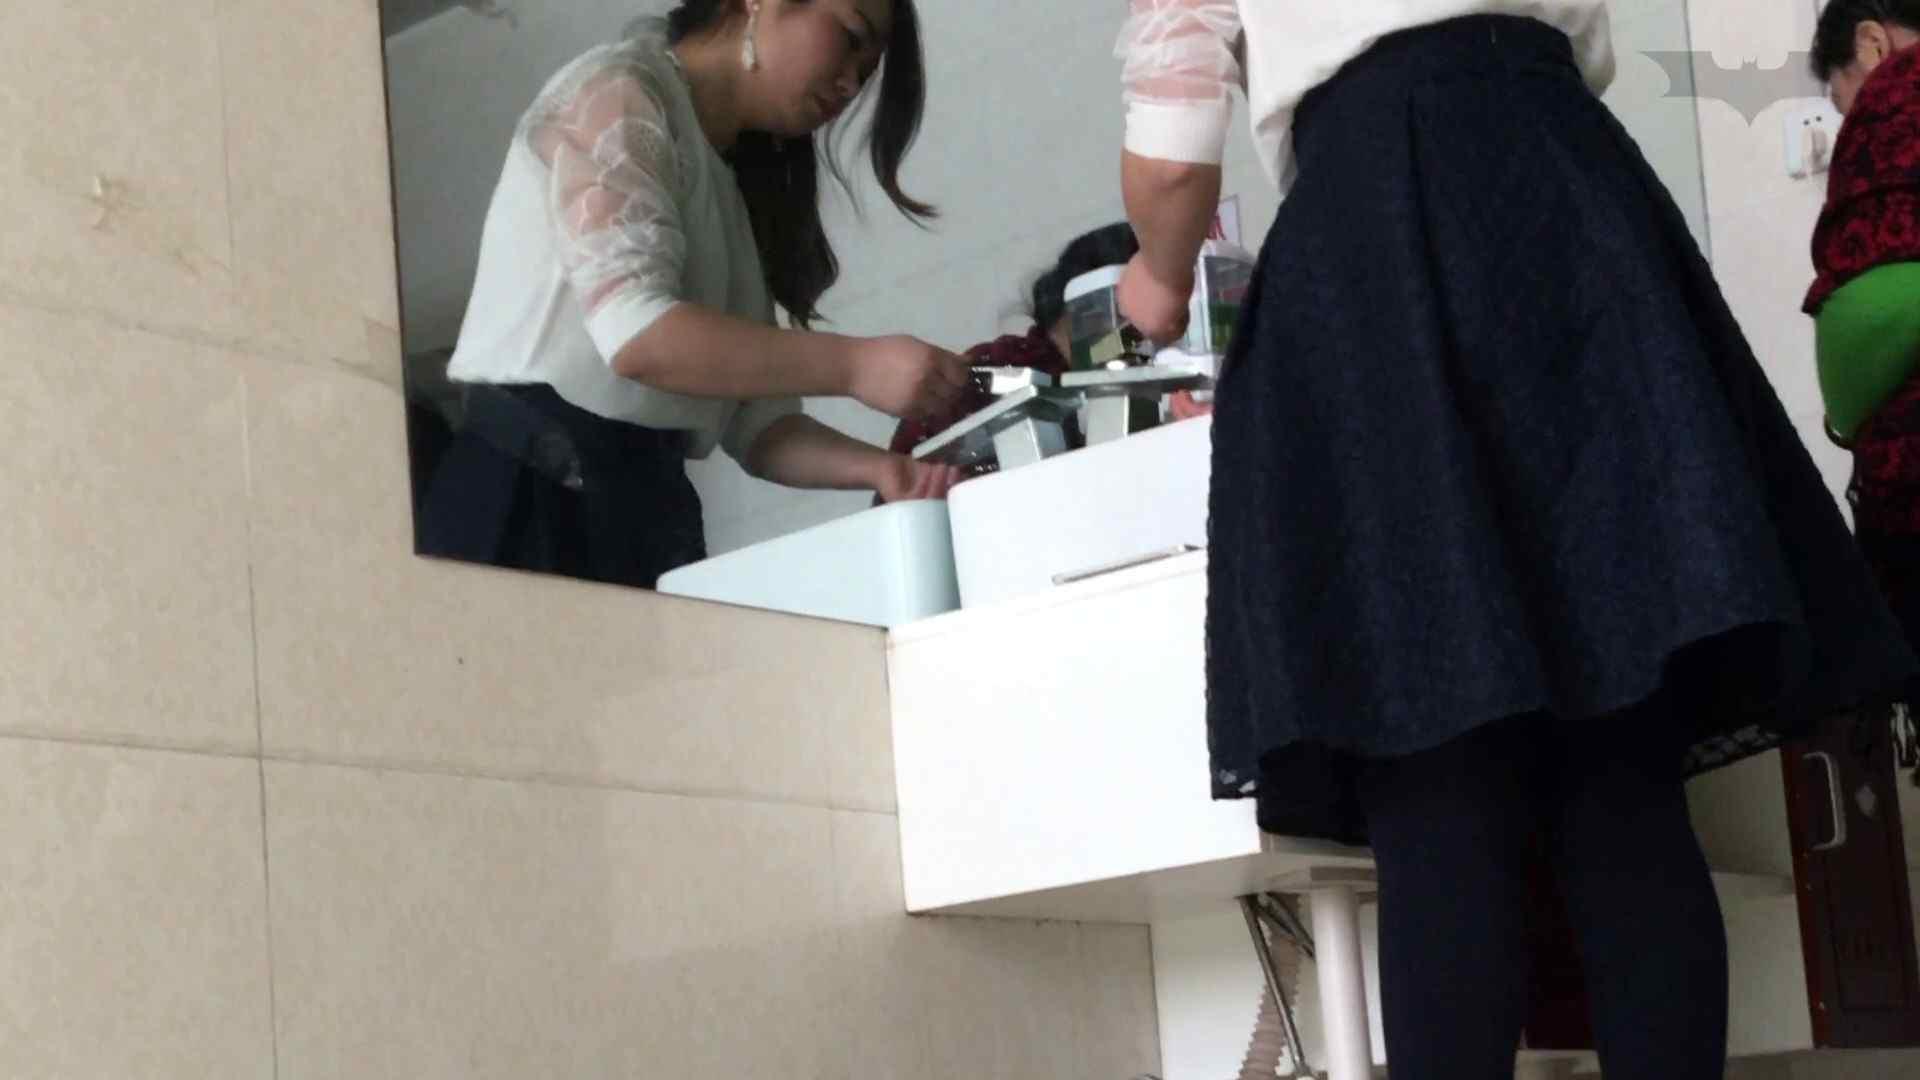 おまんこ|芸術大学ガチ潜入盗撮 JD盗撮 美女の洗面所の秘密 Vol.111|怪盗ジョーカー